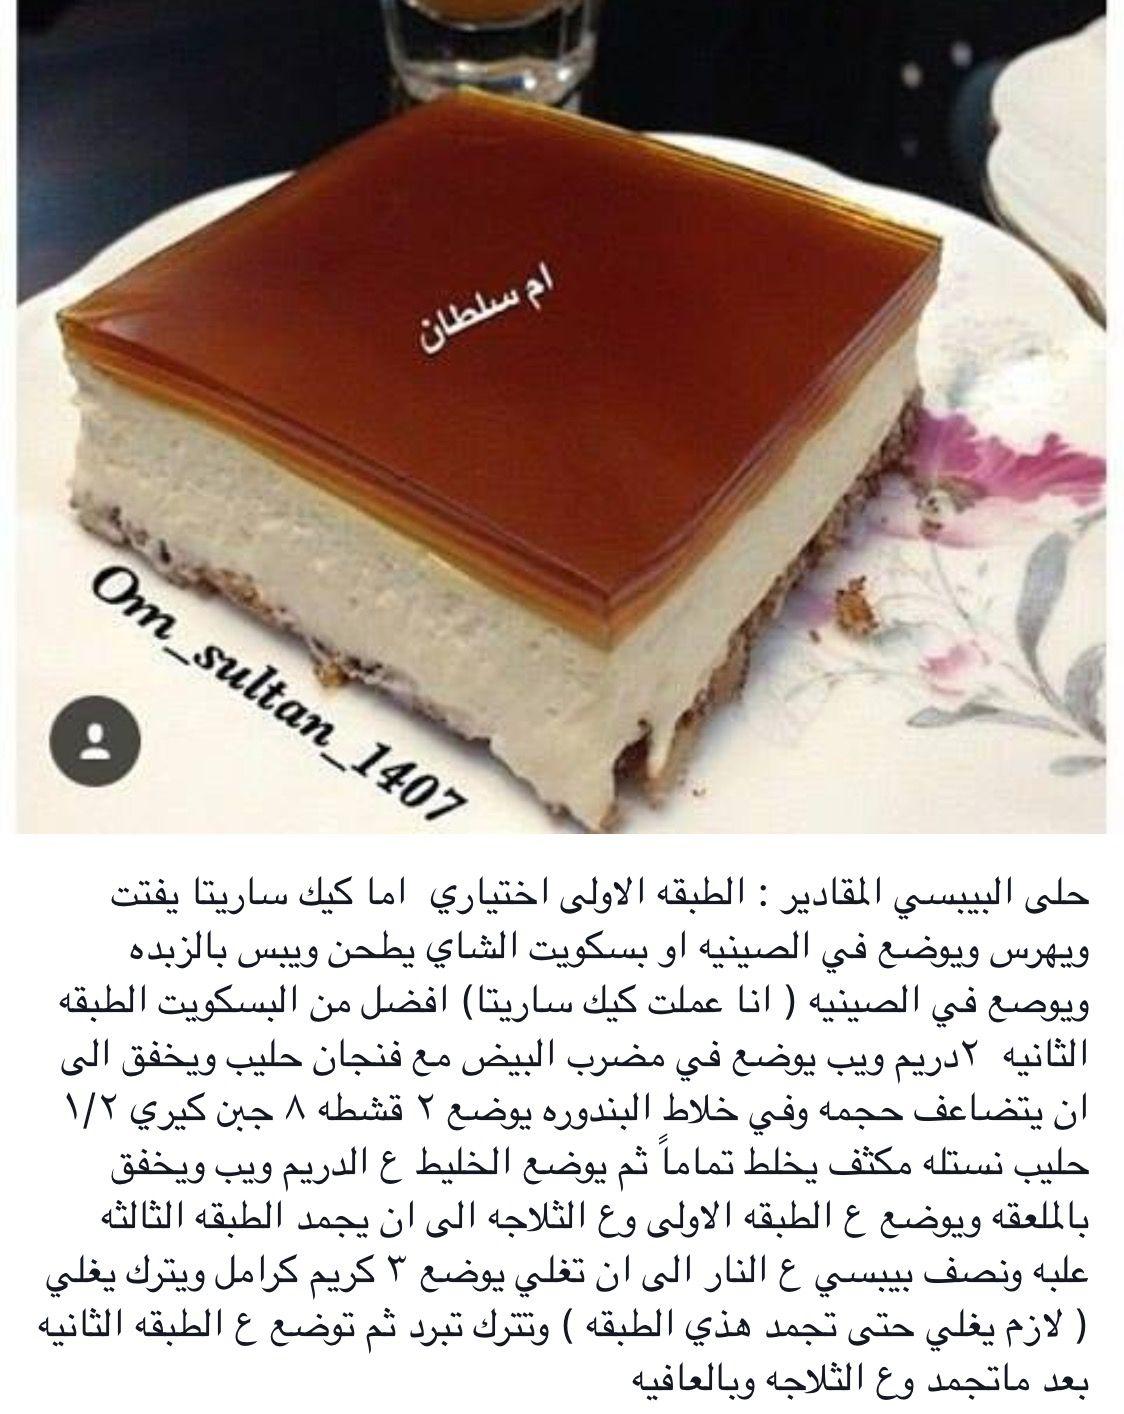 حلى البيبسي Desserts Sweet Layer Cake